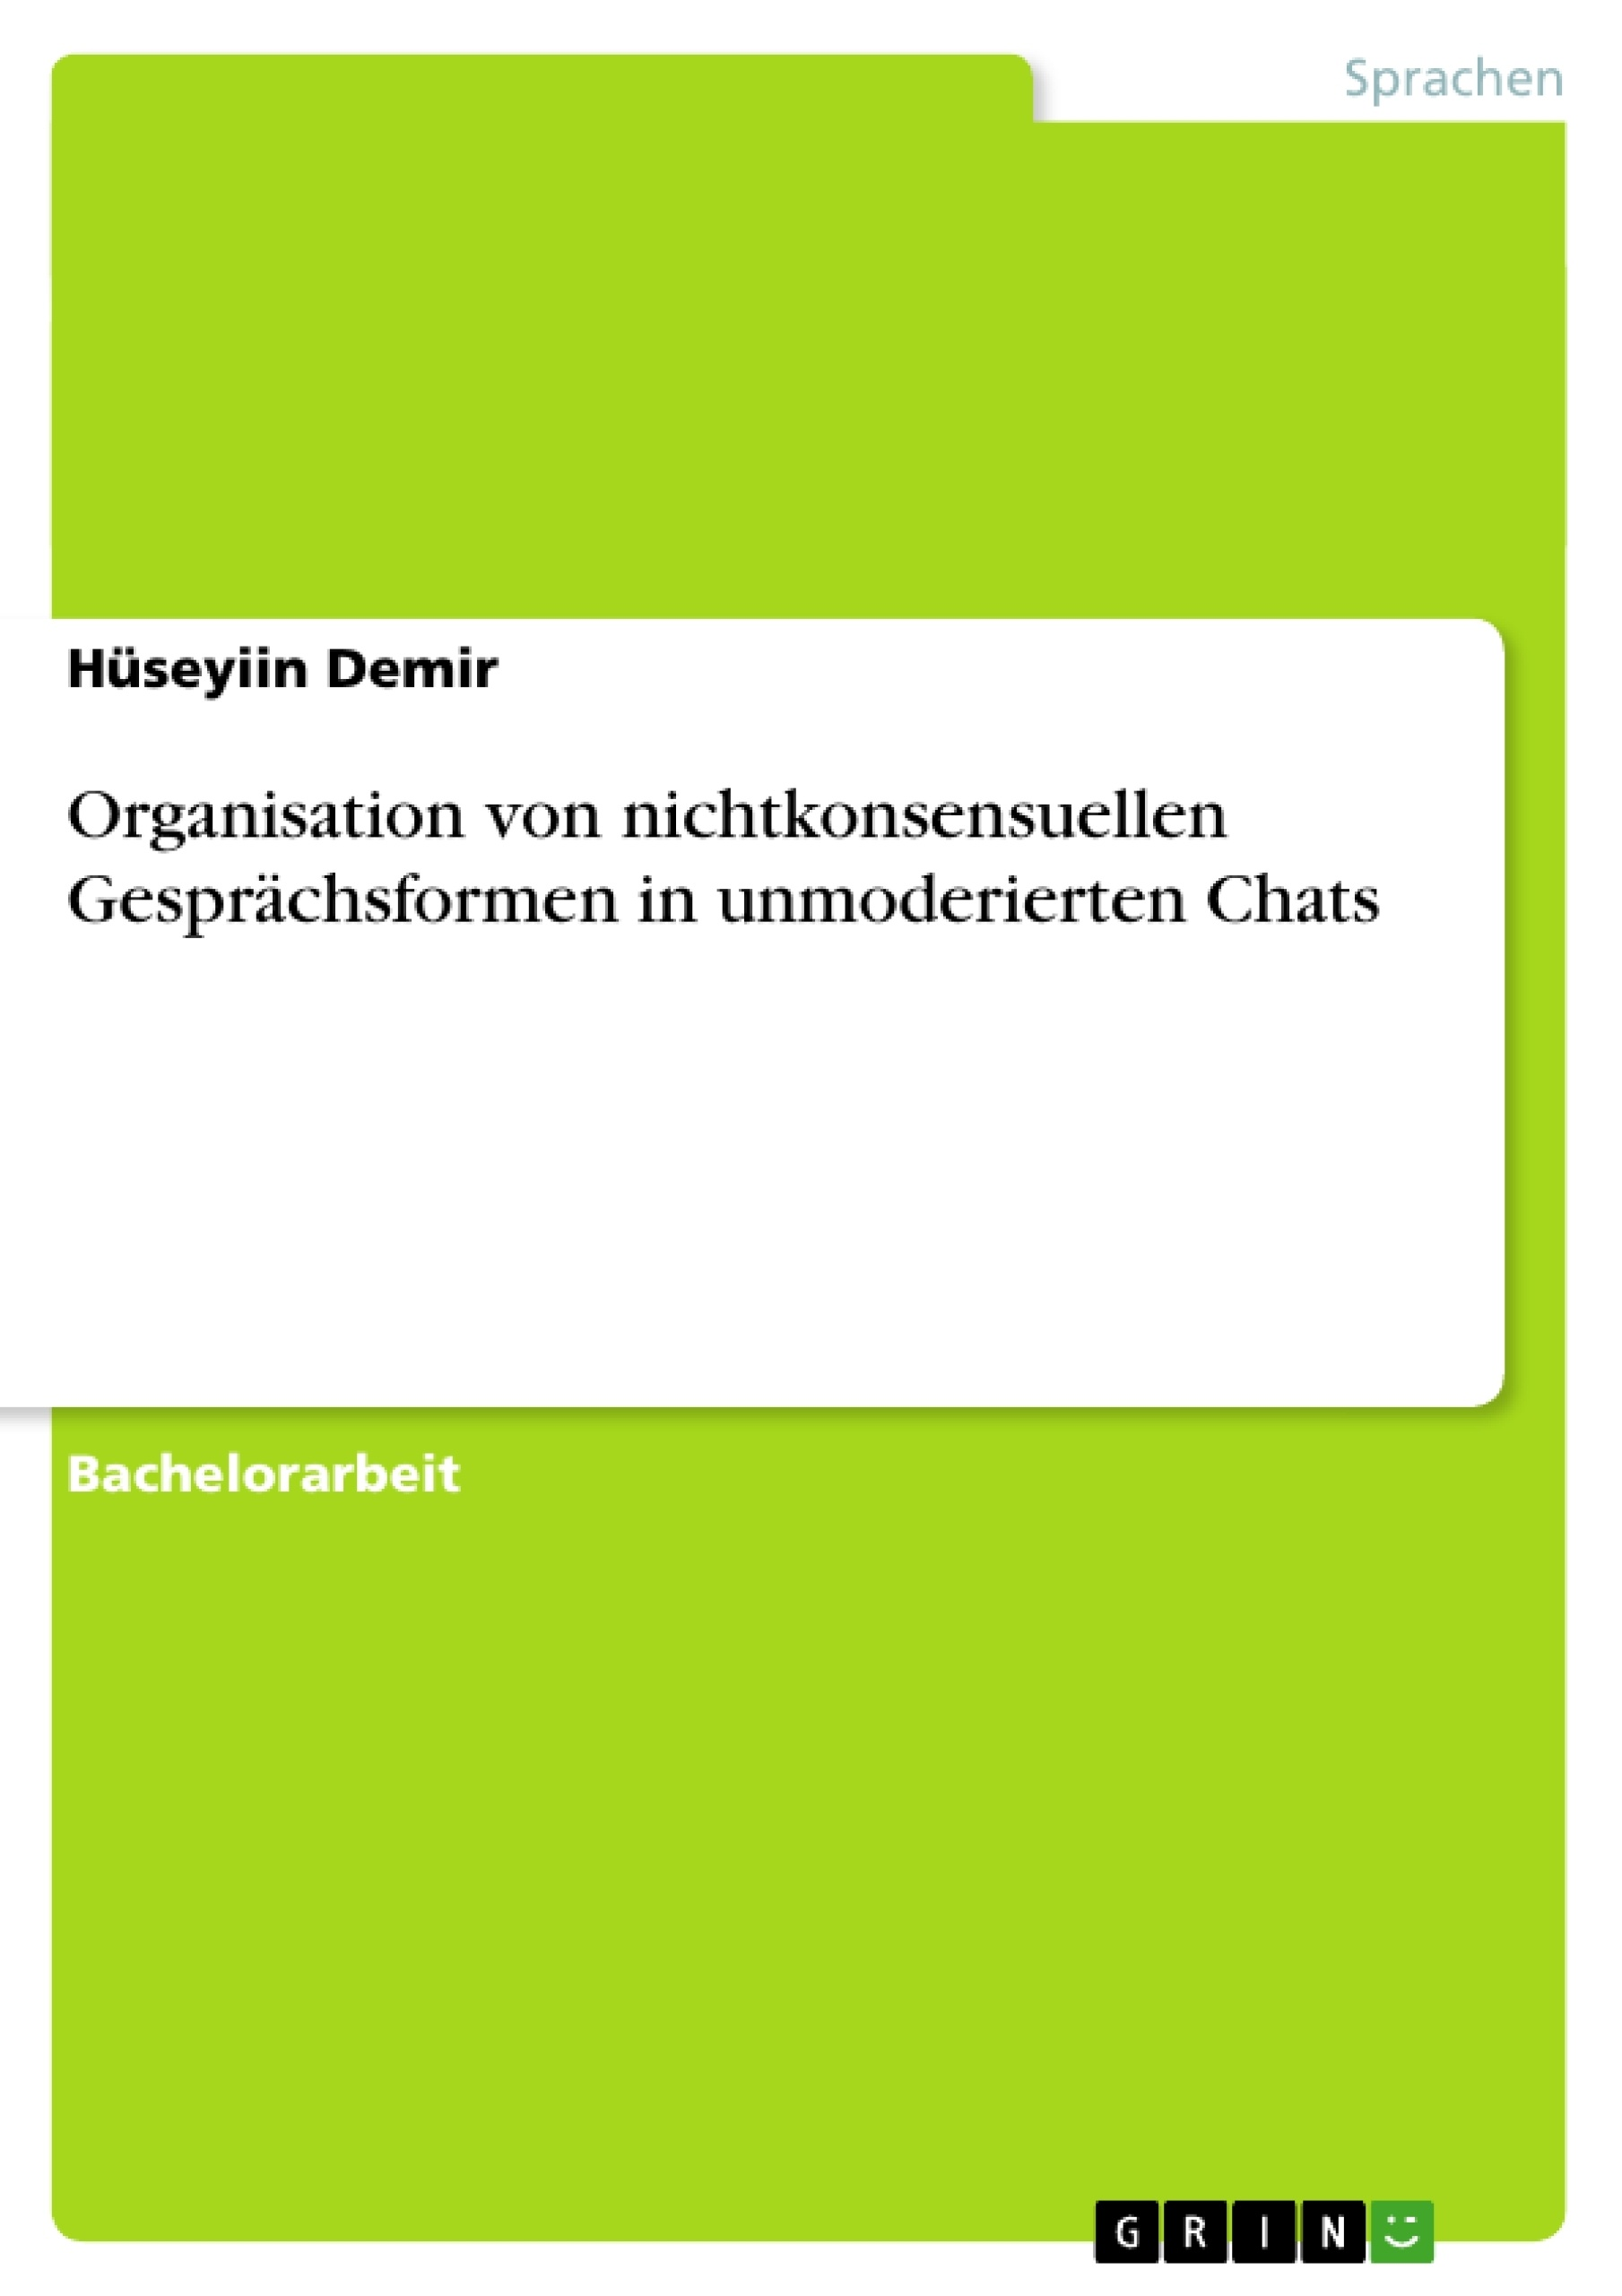 Titel: Organisation von nichtkonsensuellen Gesprächsformen in unmoderierten Chats